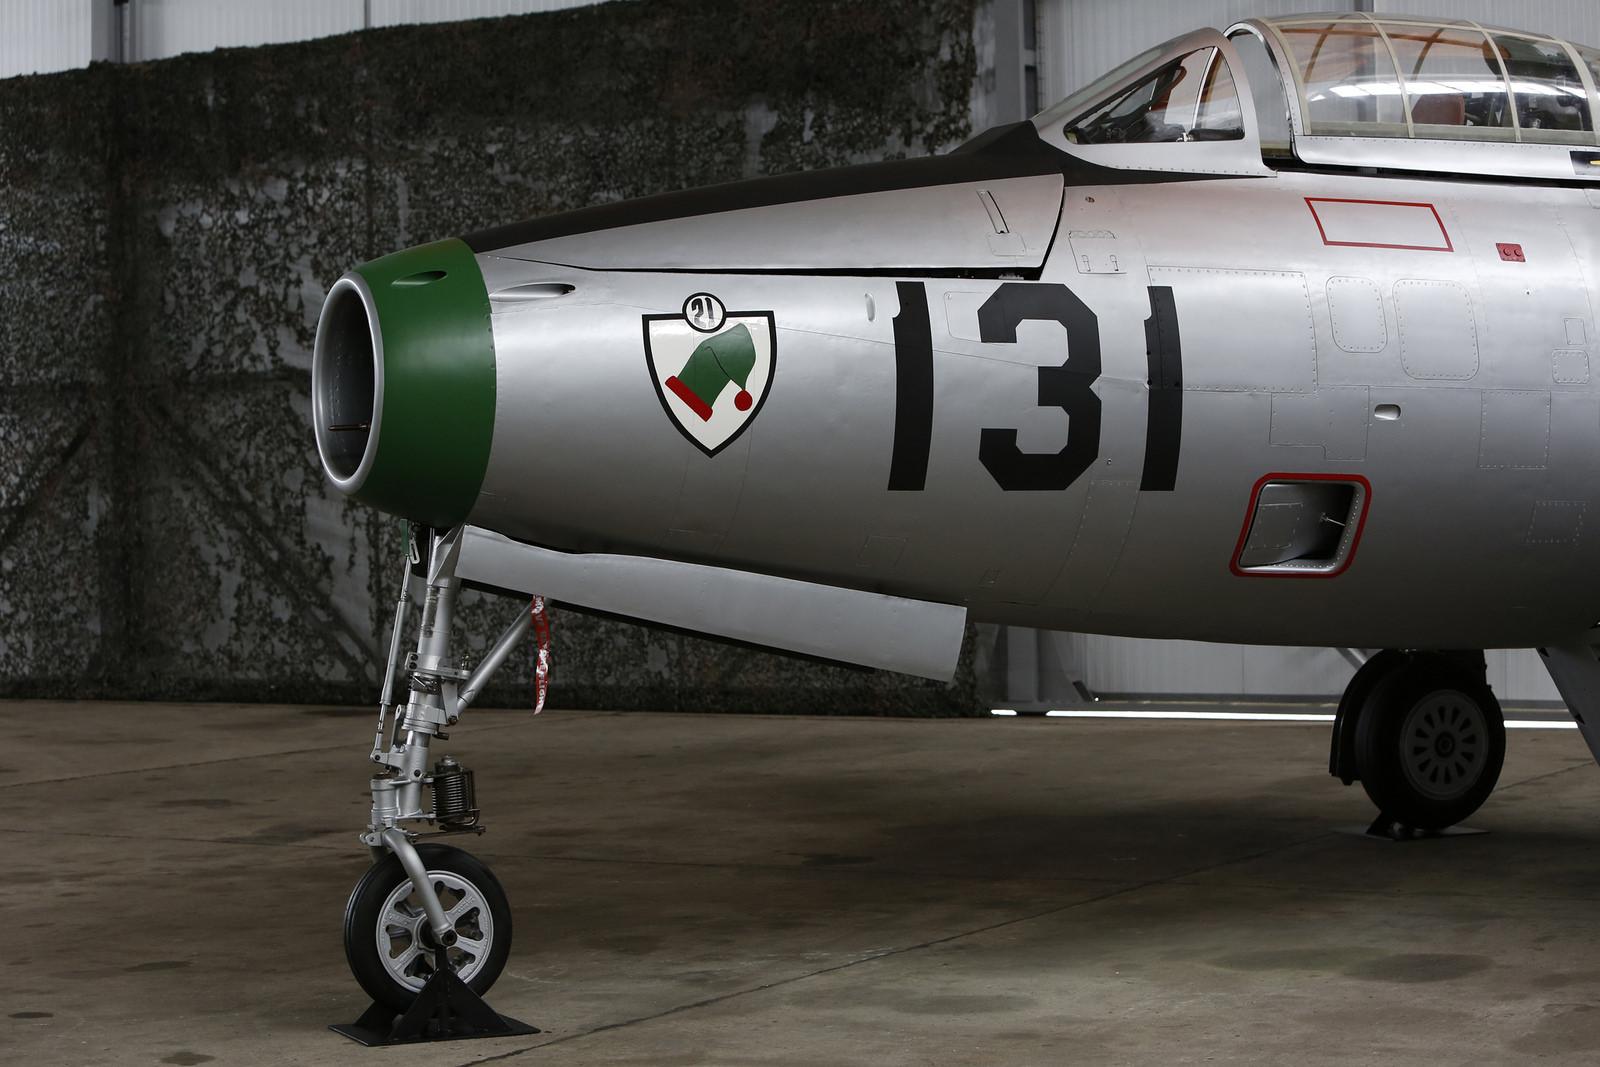 F-84G entregue ao Museu do Ar - foto 7 Forca Aerea Portuguesa